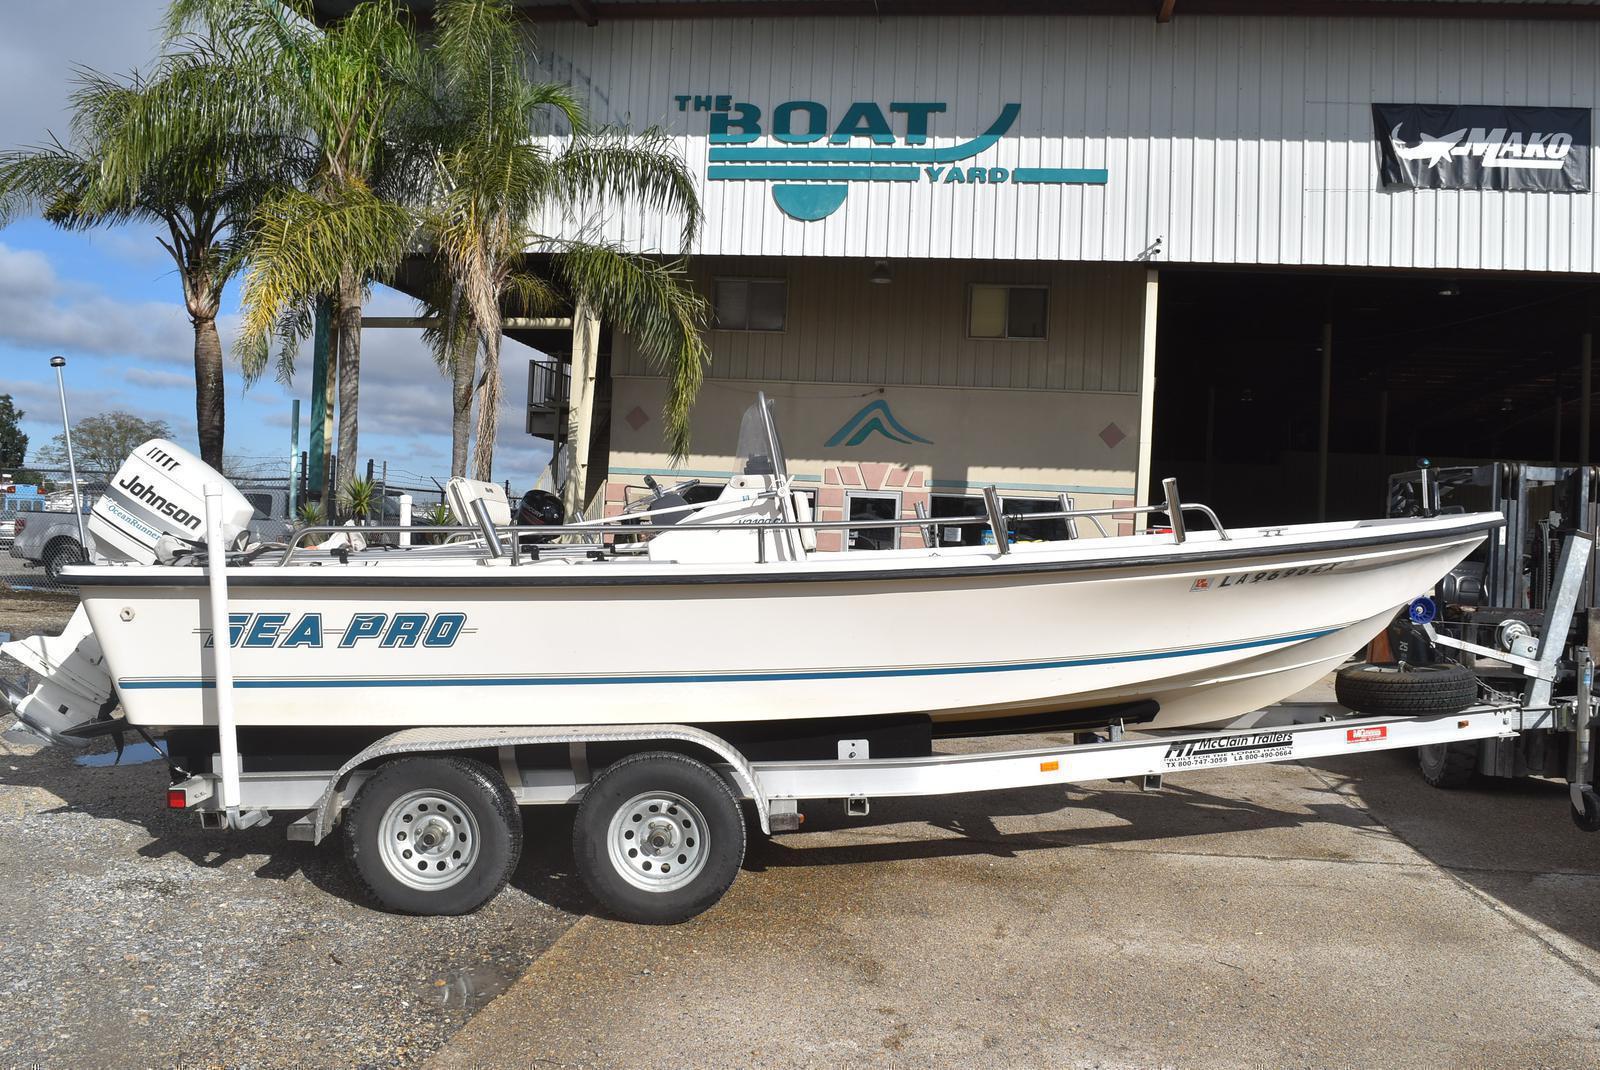 New  1998 Sea Pro Boats Bay Boat in Marrero, Louisiana